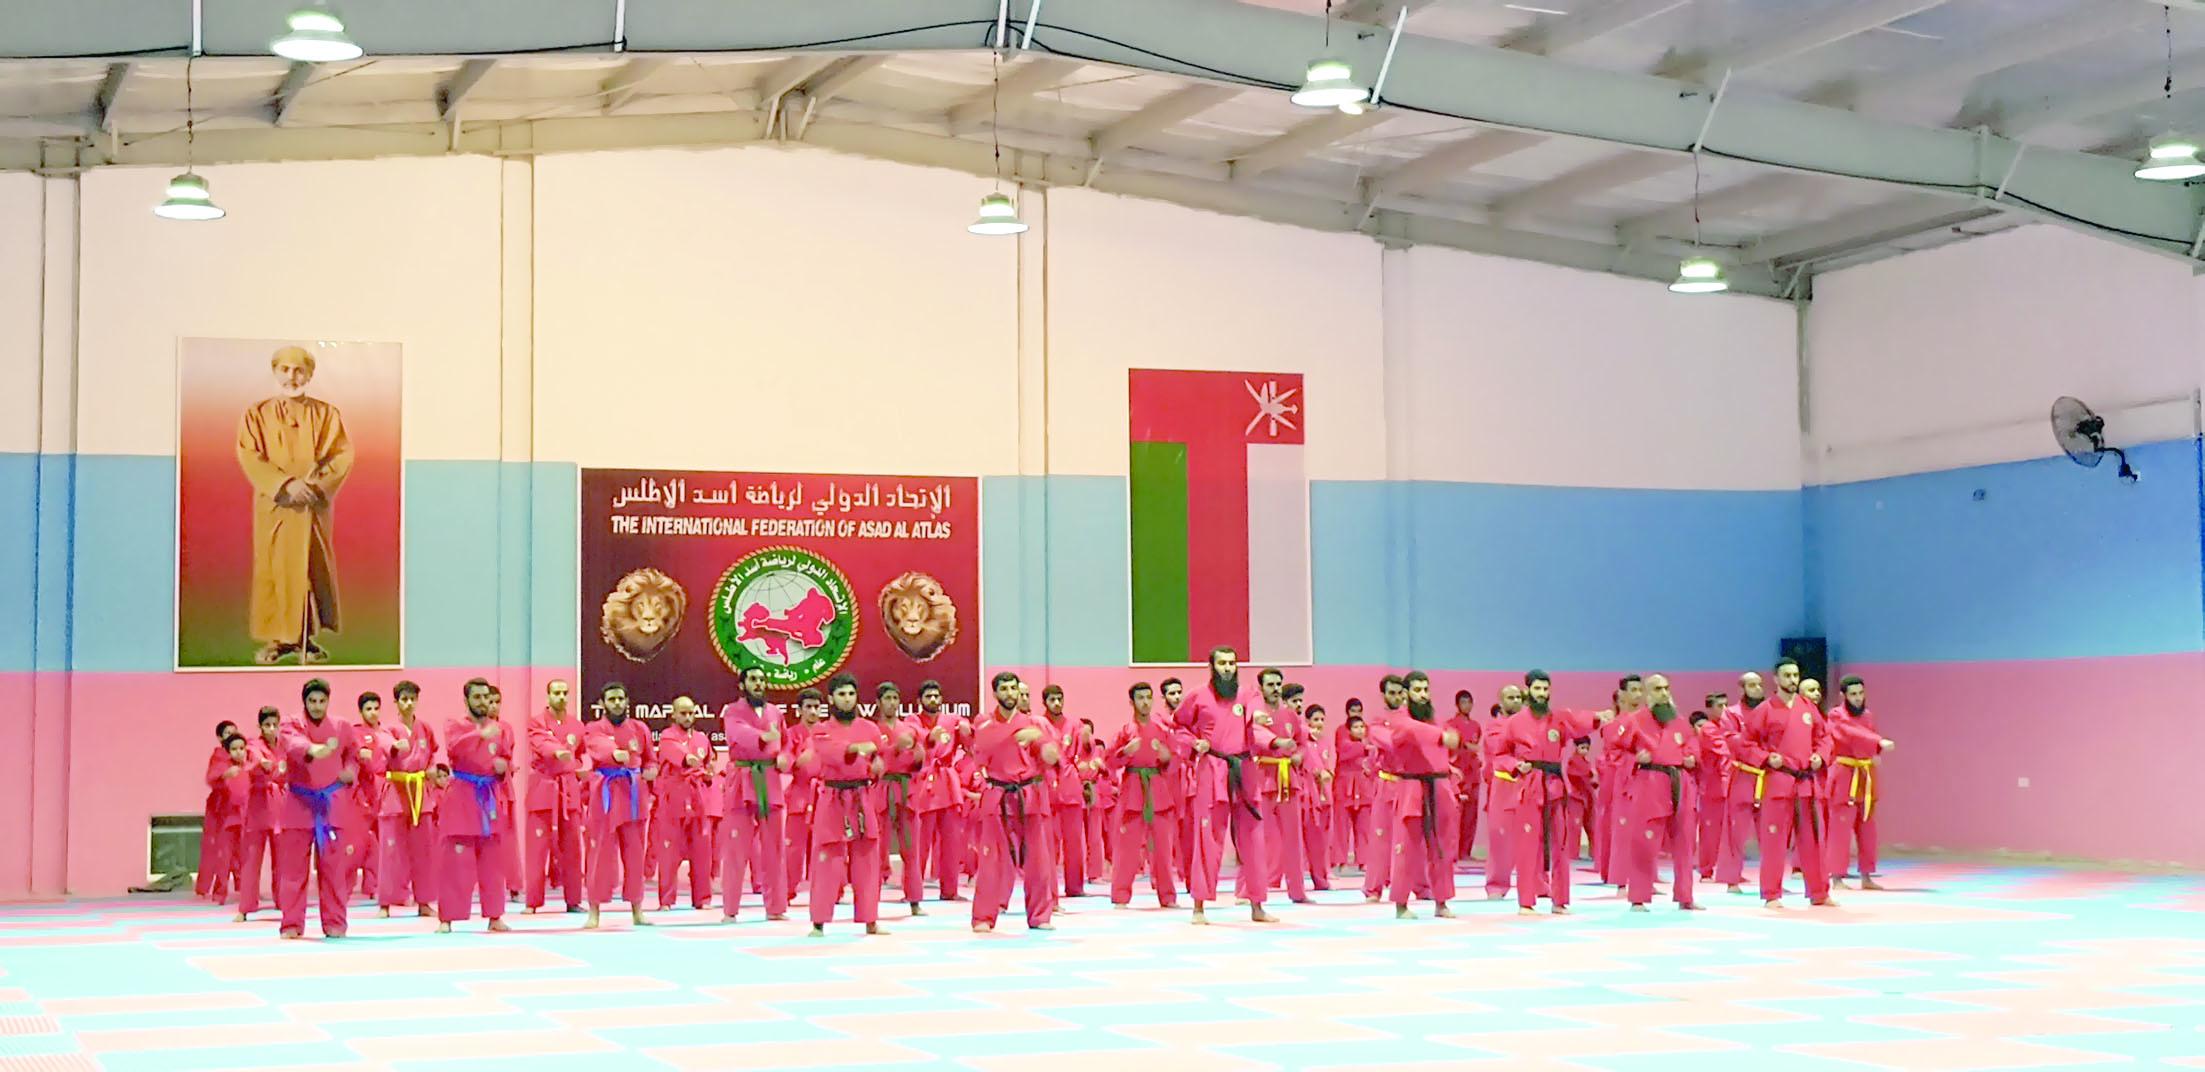 افتتاح قاعة رياضة أسد الأطلس بالعامرات